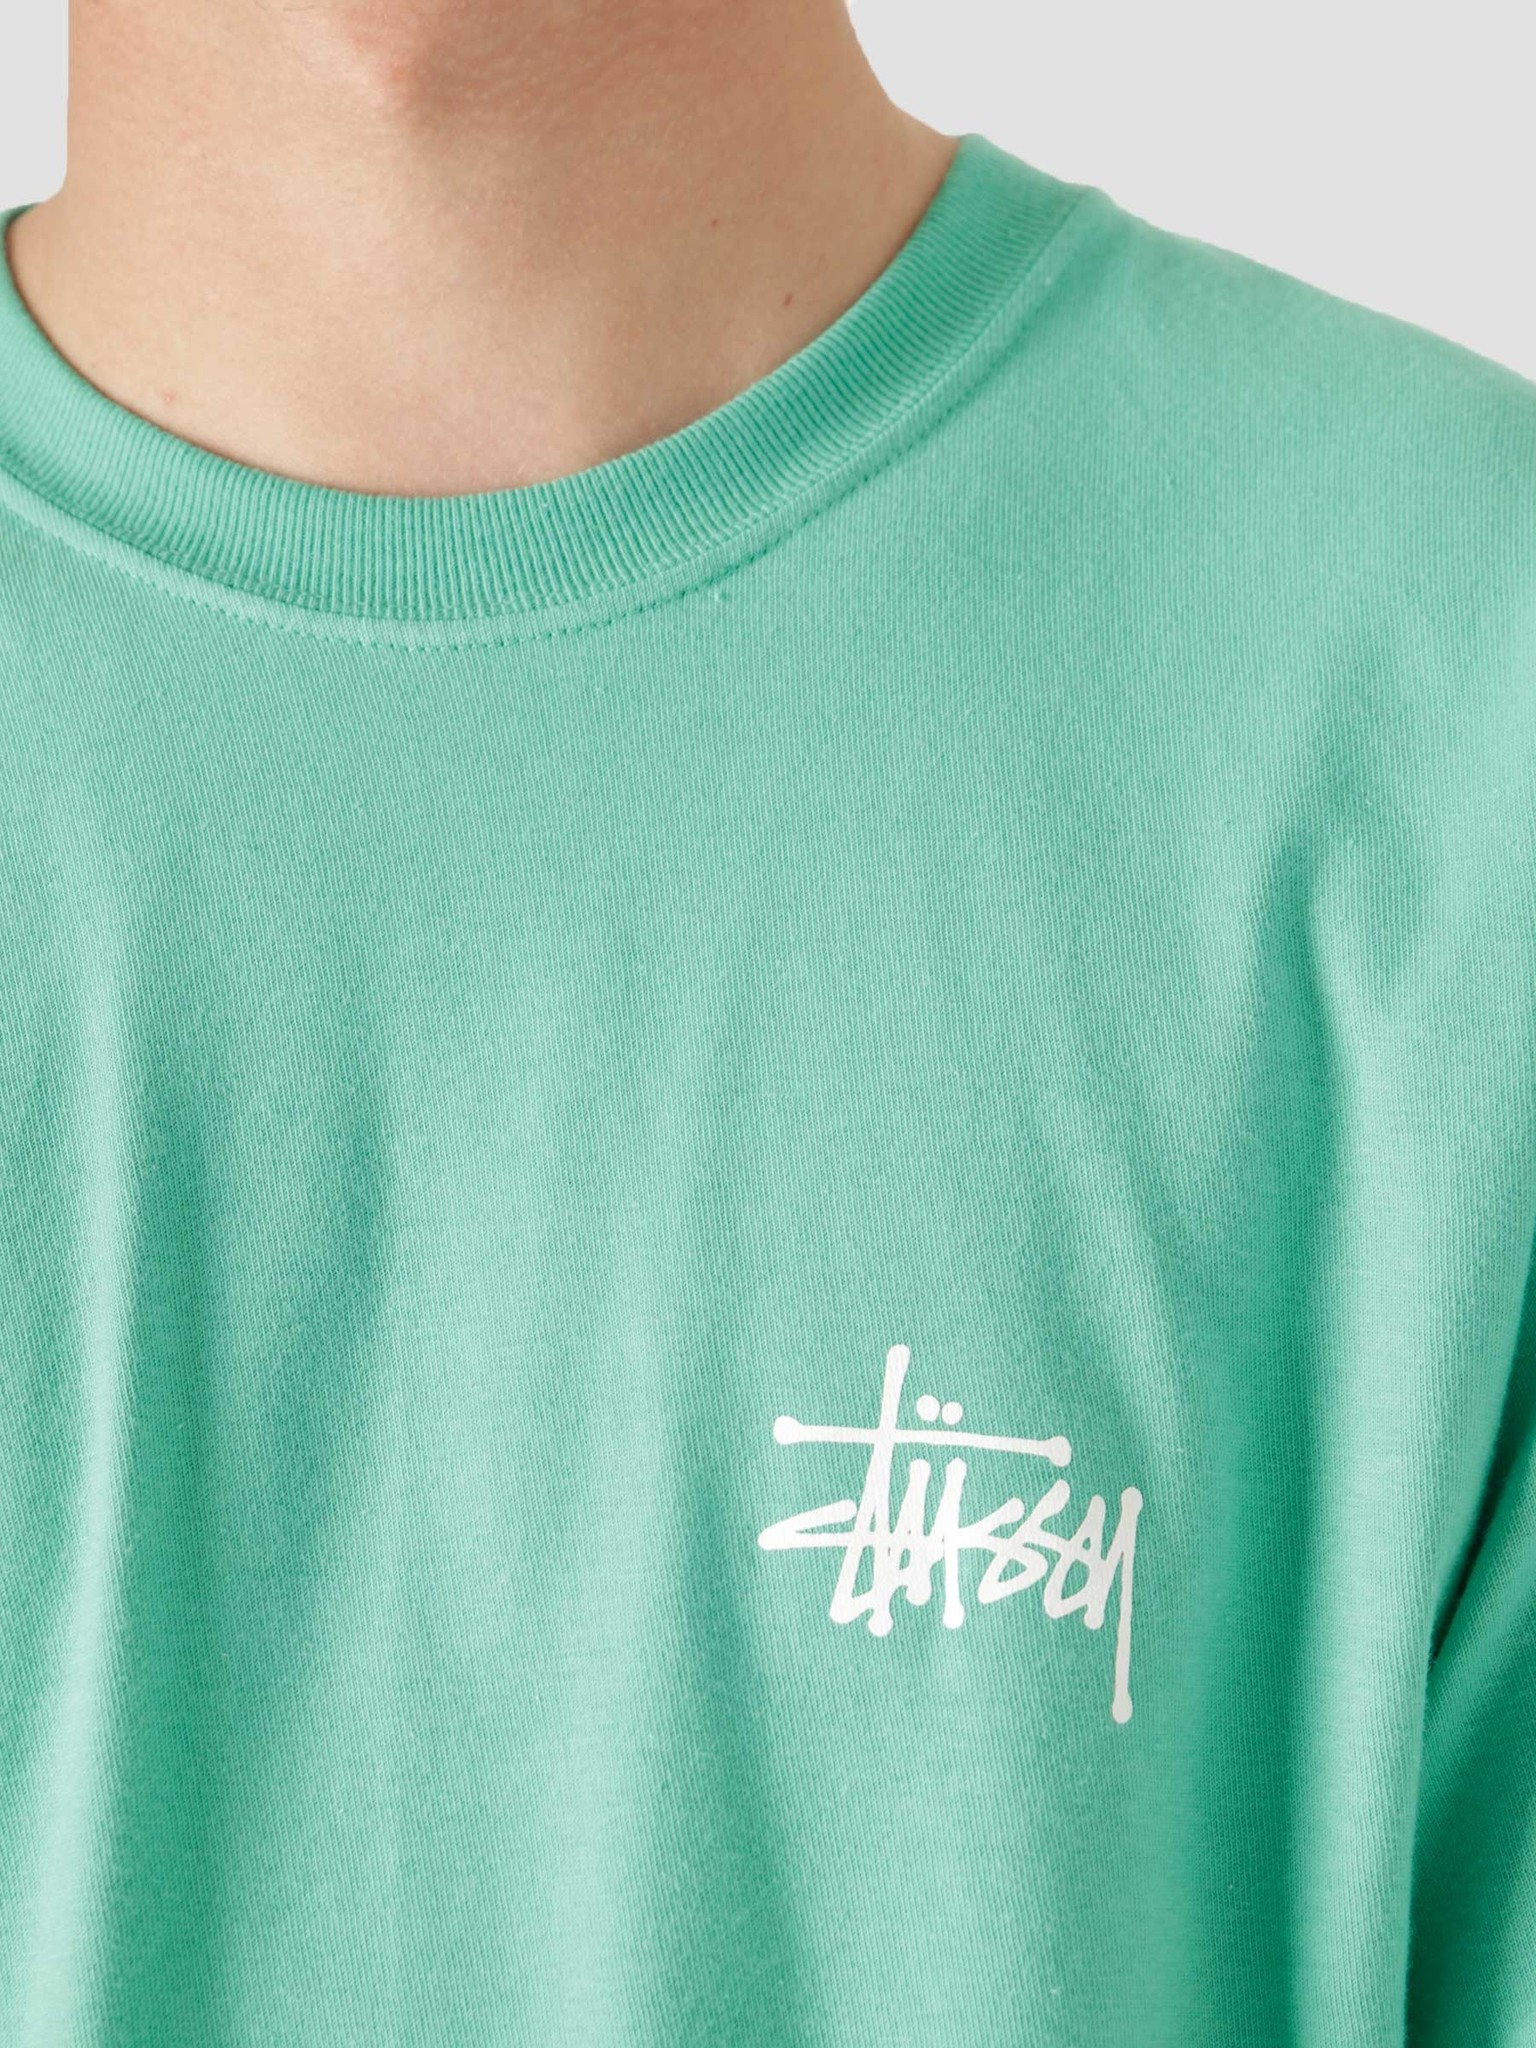 Stussy Stussy Basic Stussy T-Shirt Green 1904649